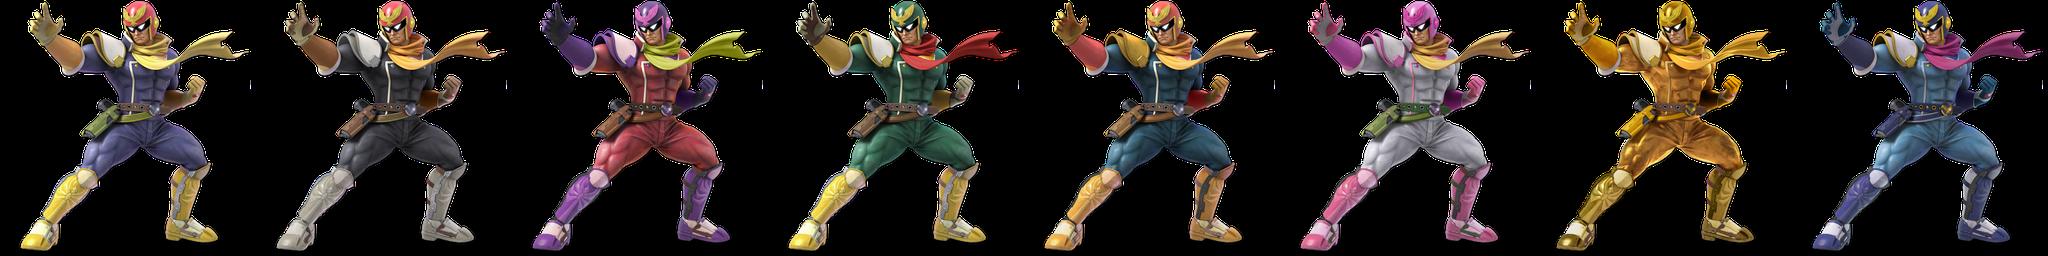 Captain Falcon (Super Smash Bros. Ultimate)